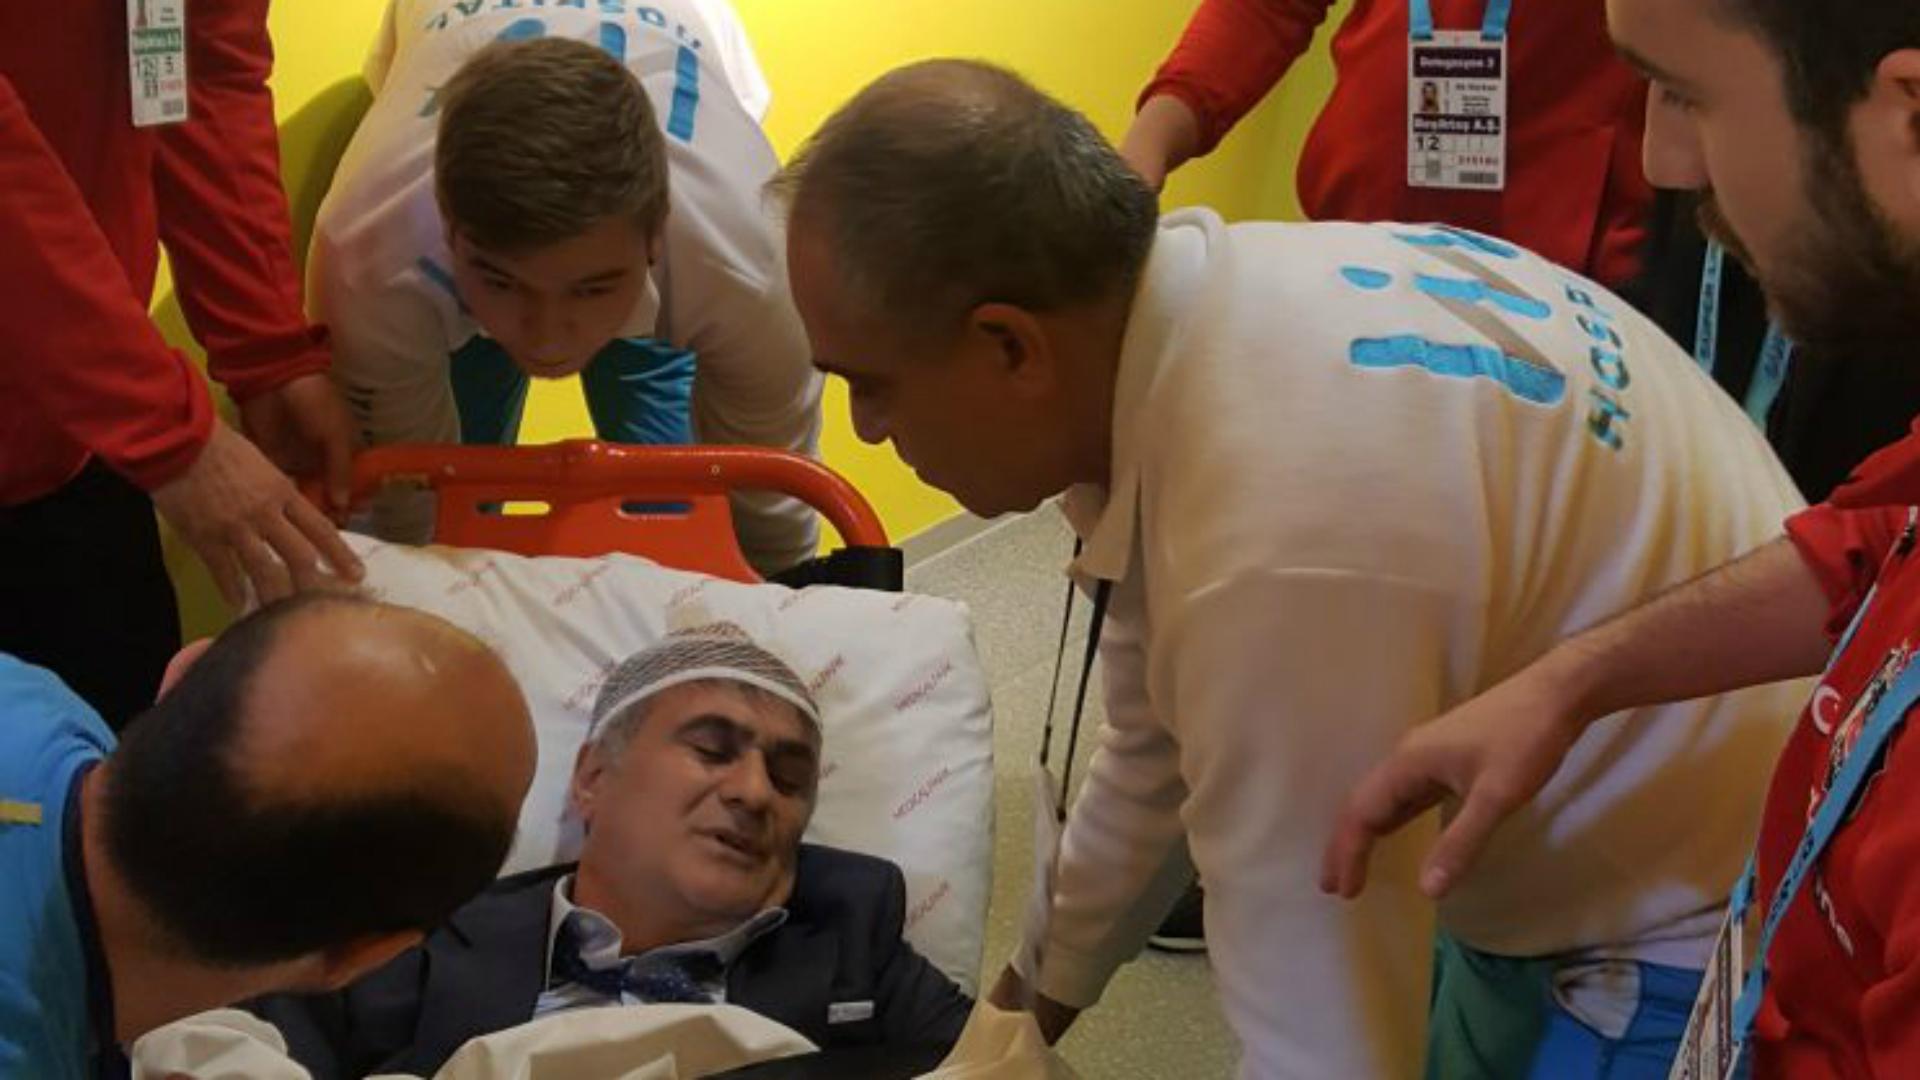 L'entraîneur de Besiktas touché à la tête, match arrêté